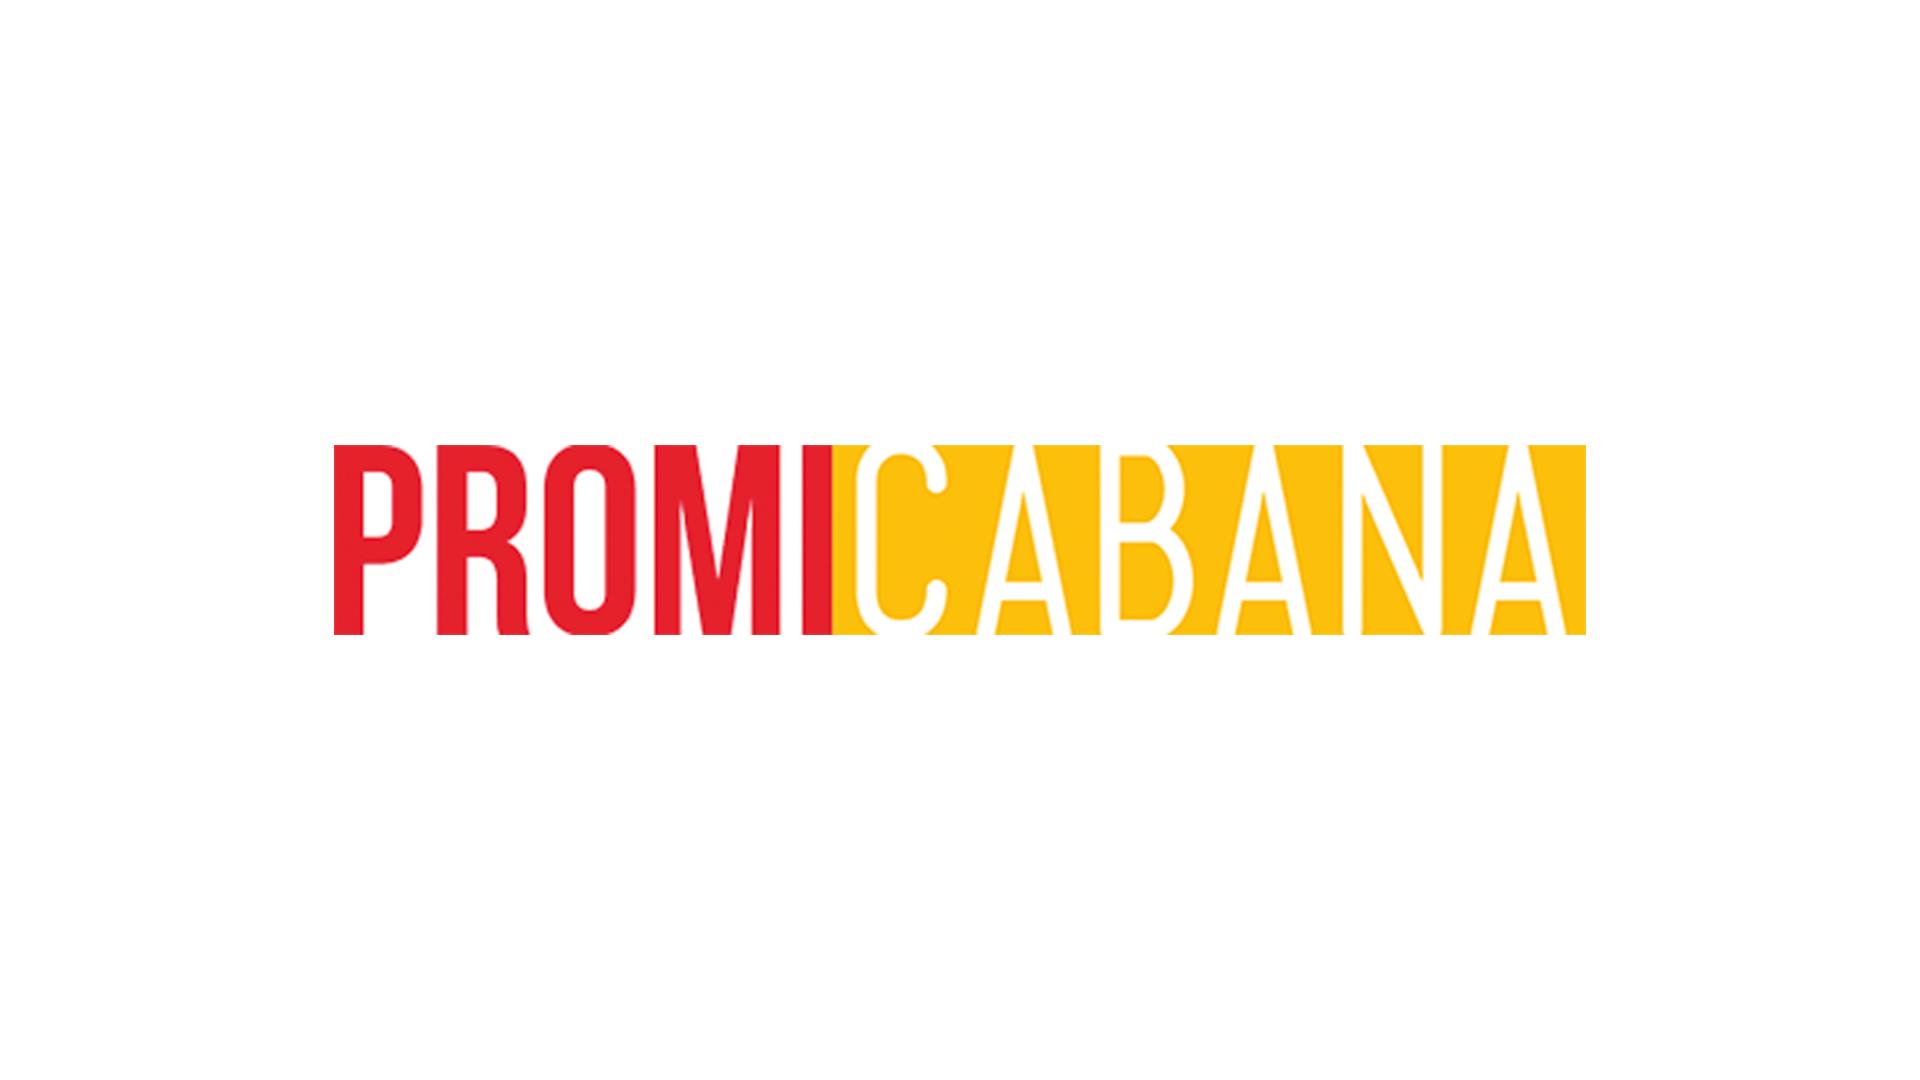 Ed-Sheeran-Galway-Girl-Musikvideo-Saoirse-Ronan